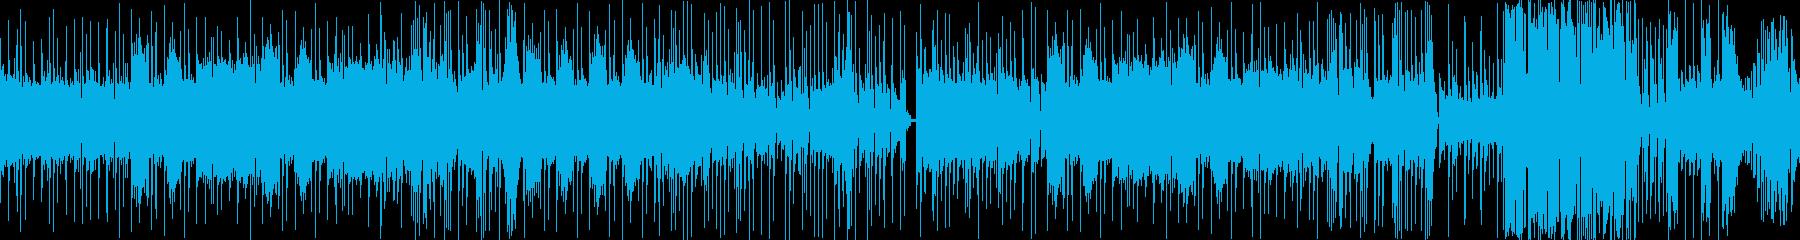 タイト、キメキメ、グイグイのハードロックの再生済みの波形